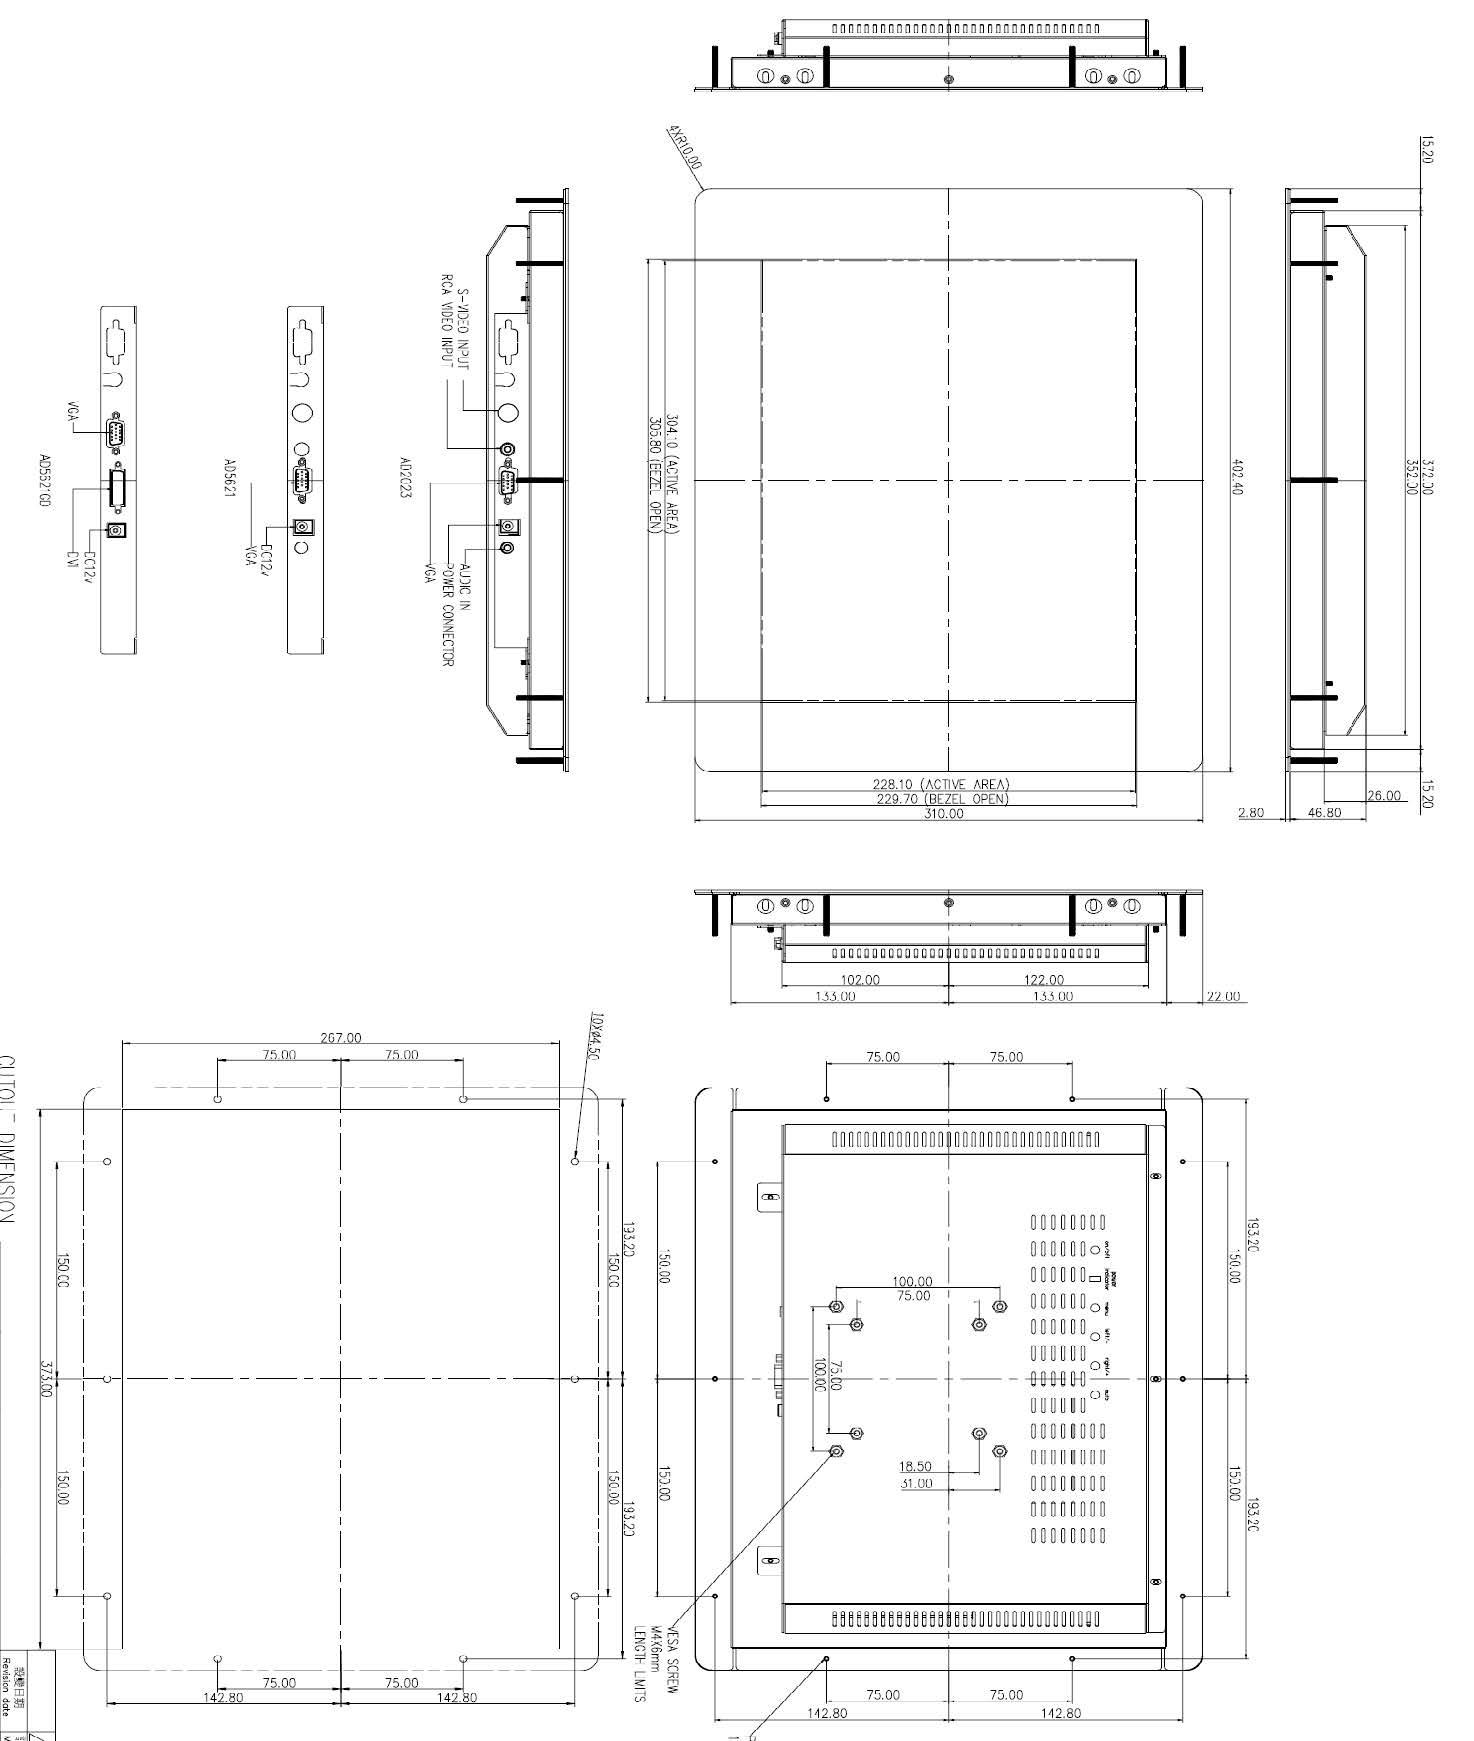 """HF-1566-T - Maßzeichnung 15"""" Industrie-TFT mit rückwärtigen Befestigungsbolzen"""